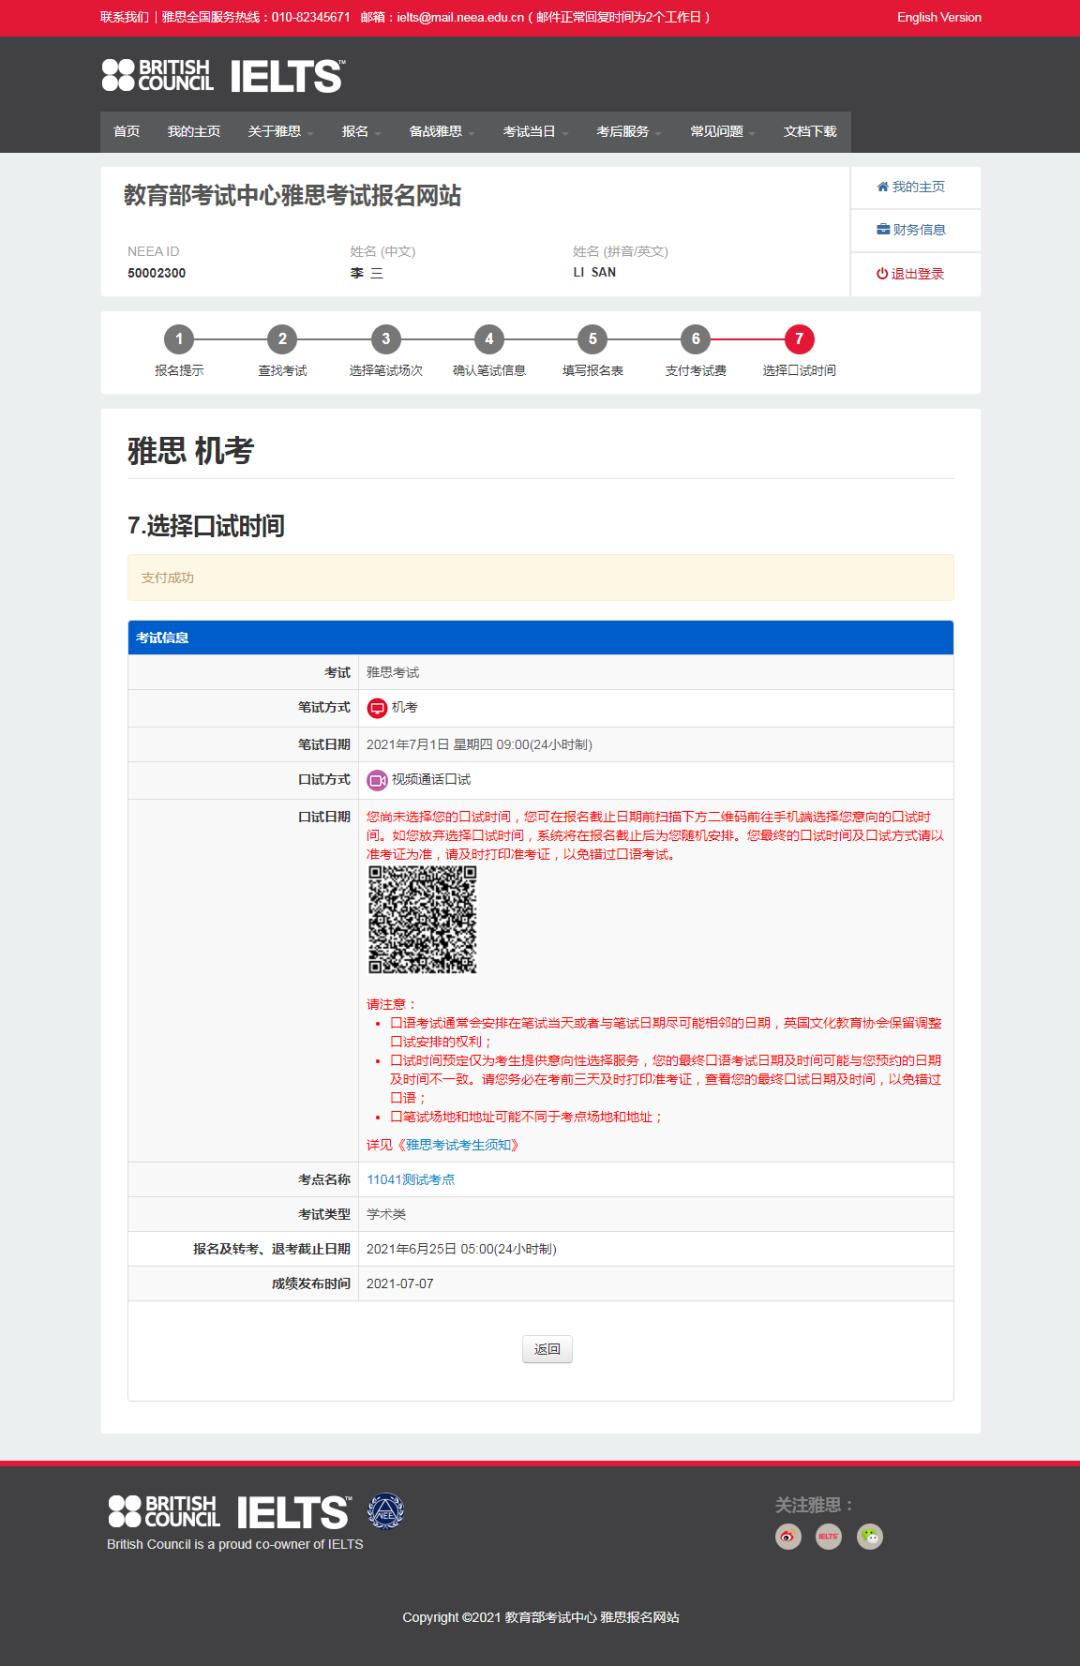 雅思考试新服务:雅思机考口试时间预定小程序上线!